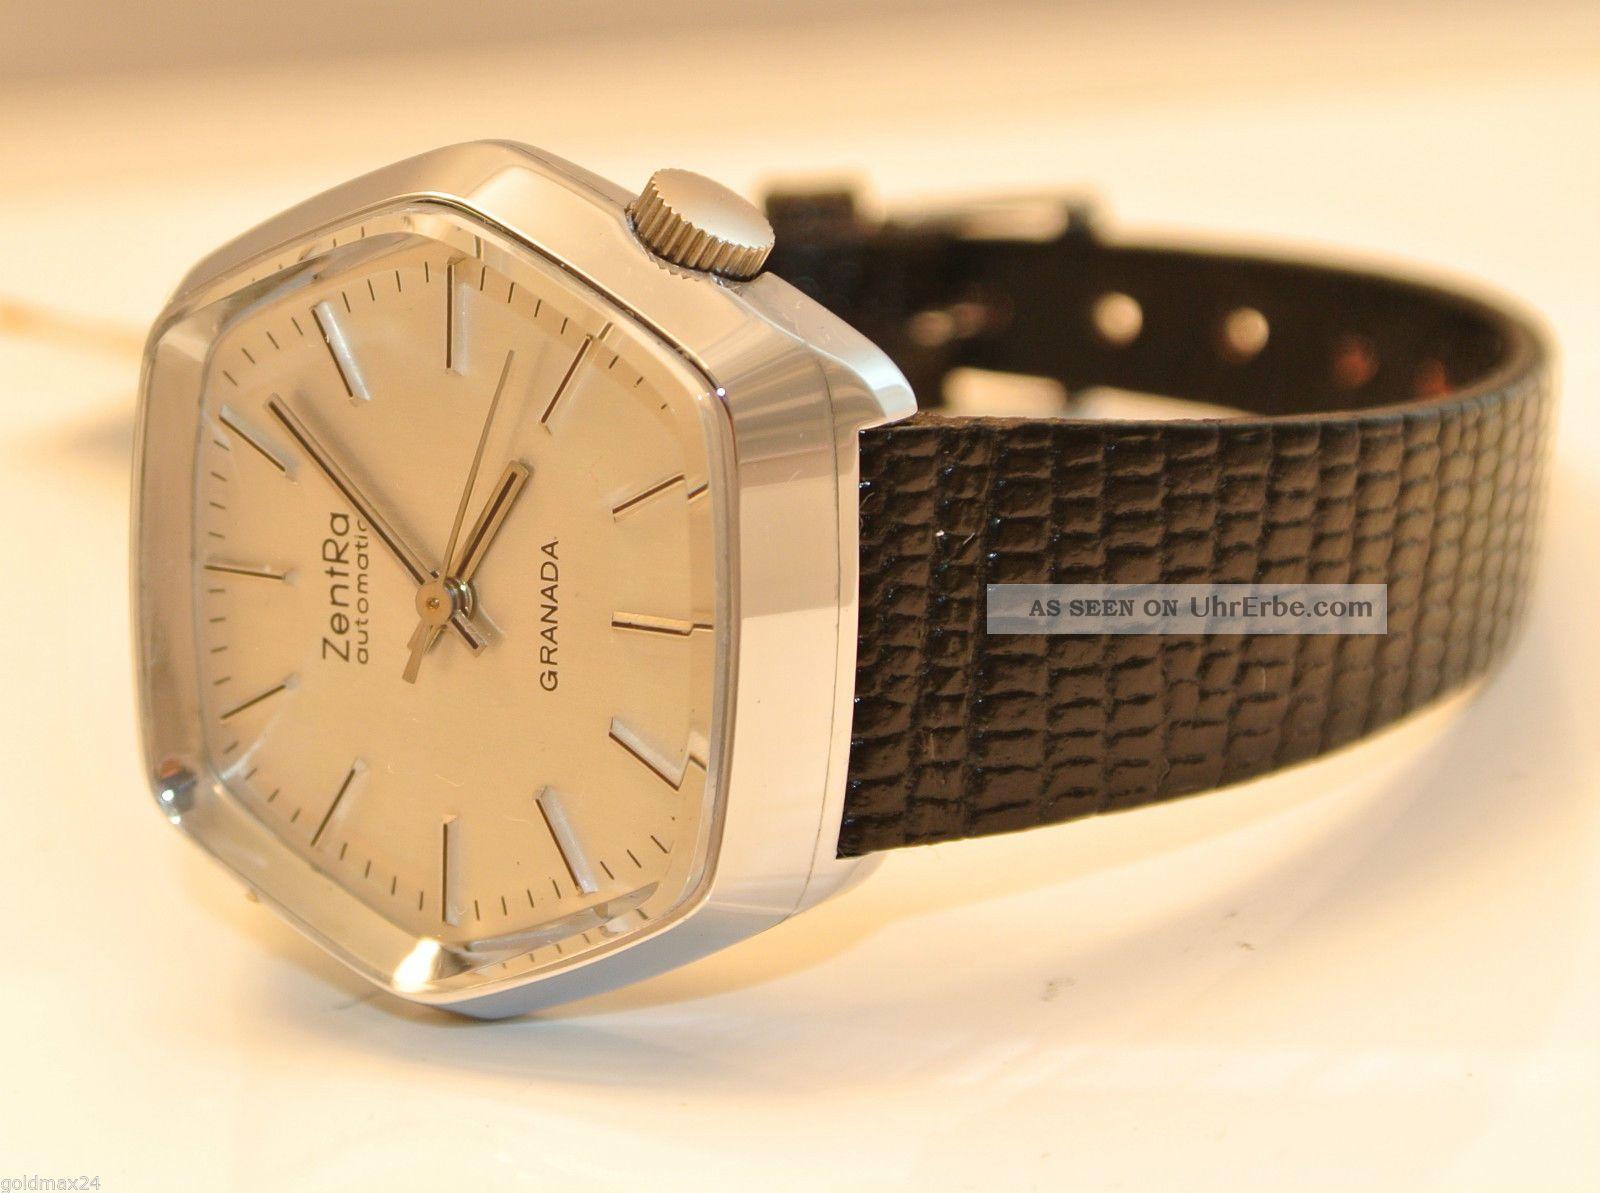 Zent Ra Granada - Damenarmbanduhr / Automatic Armbanduhren Bild